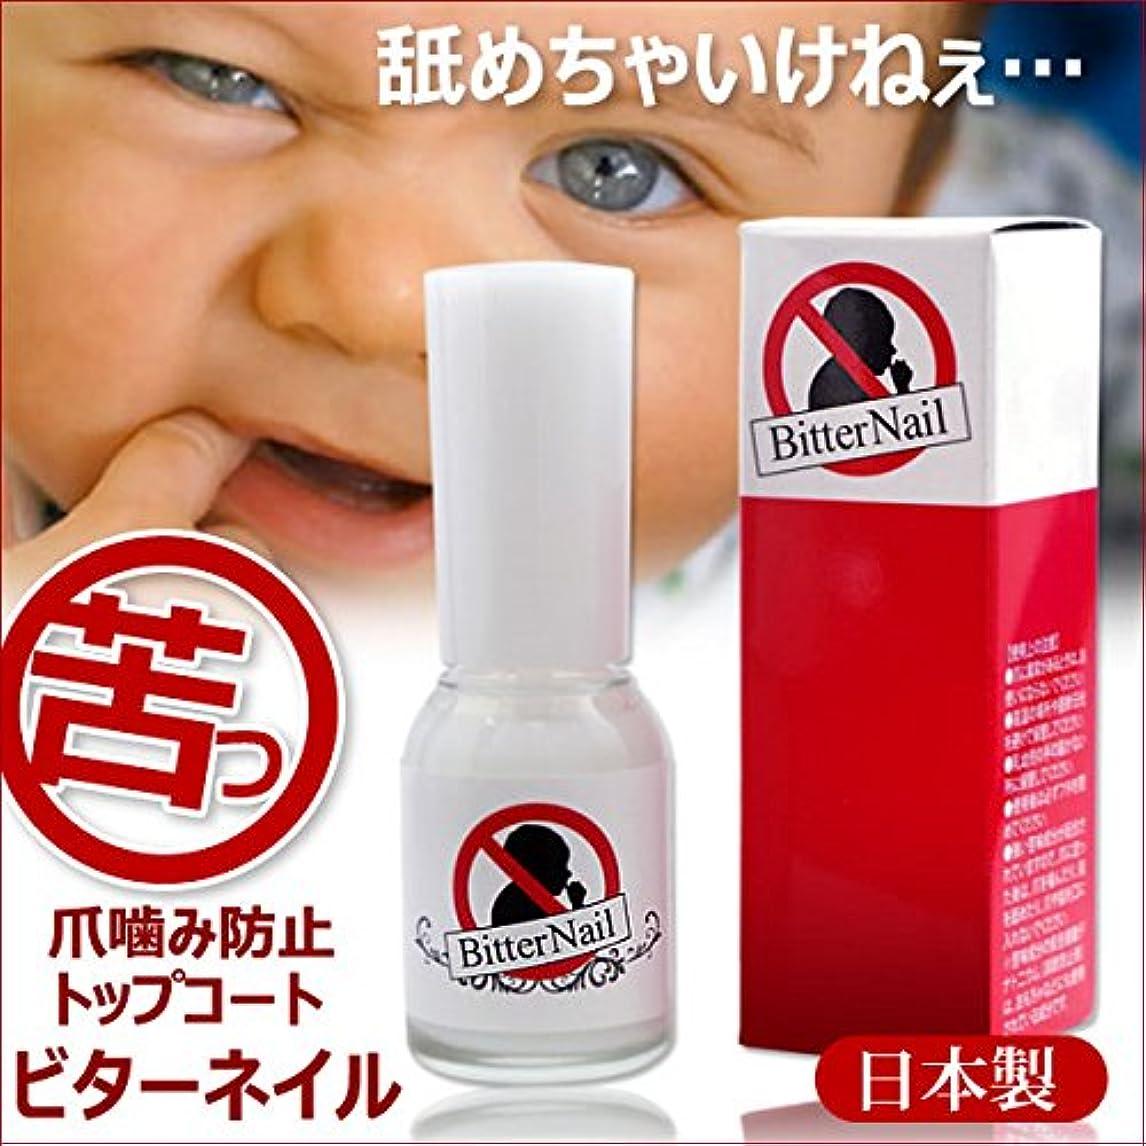 手伝うストレス回転させるビターネイル 10ml 日本製爪噛み防止トップコート 増量版 爪噛み 指しゃぶり